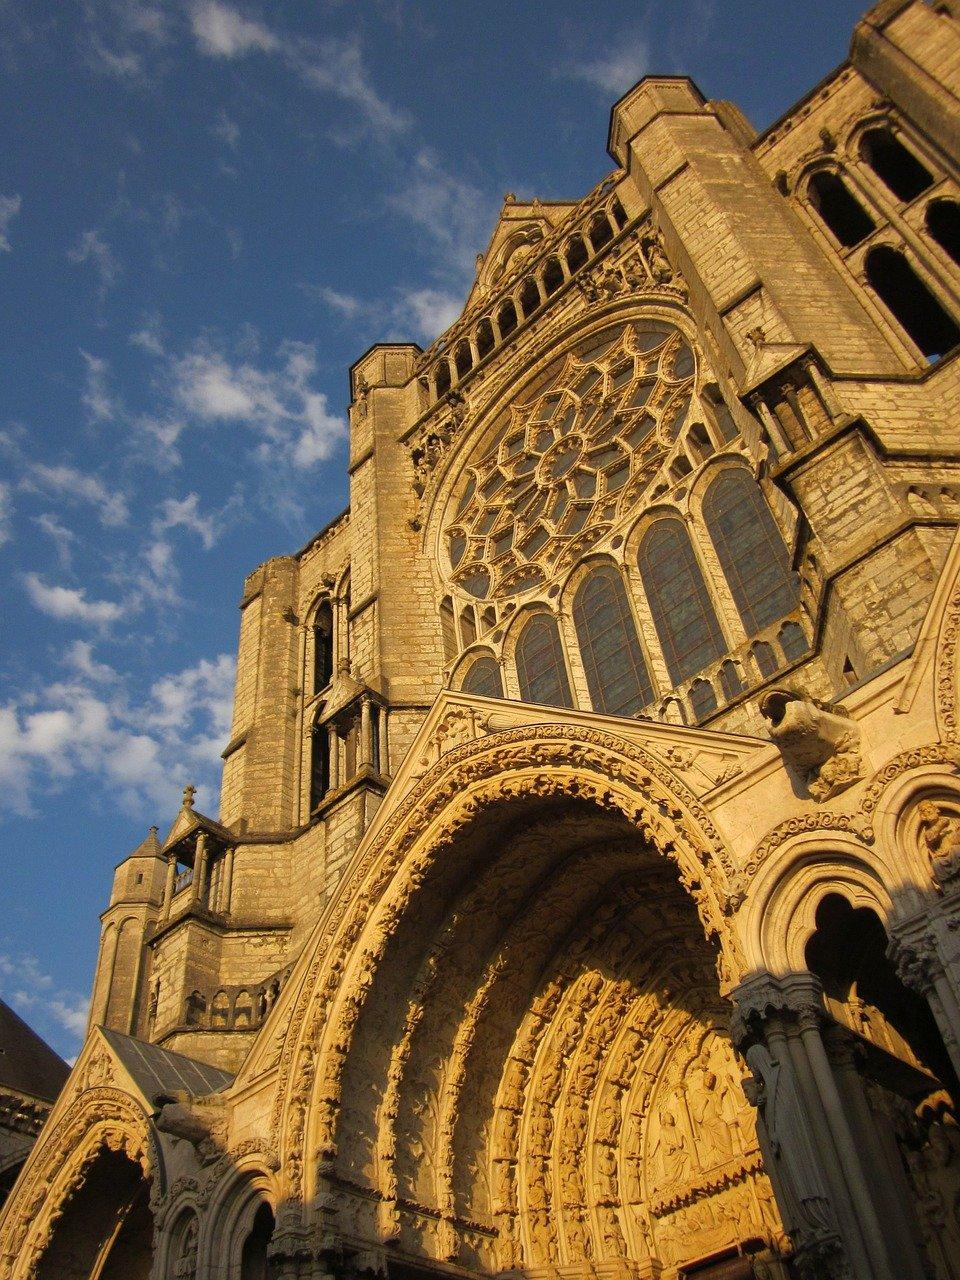 Cathédrale de Chartres - Architecture romane